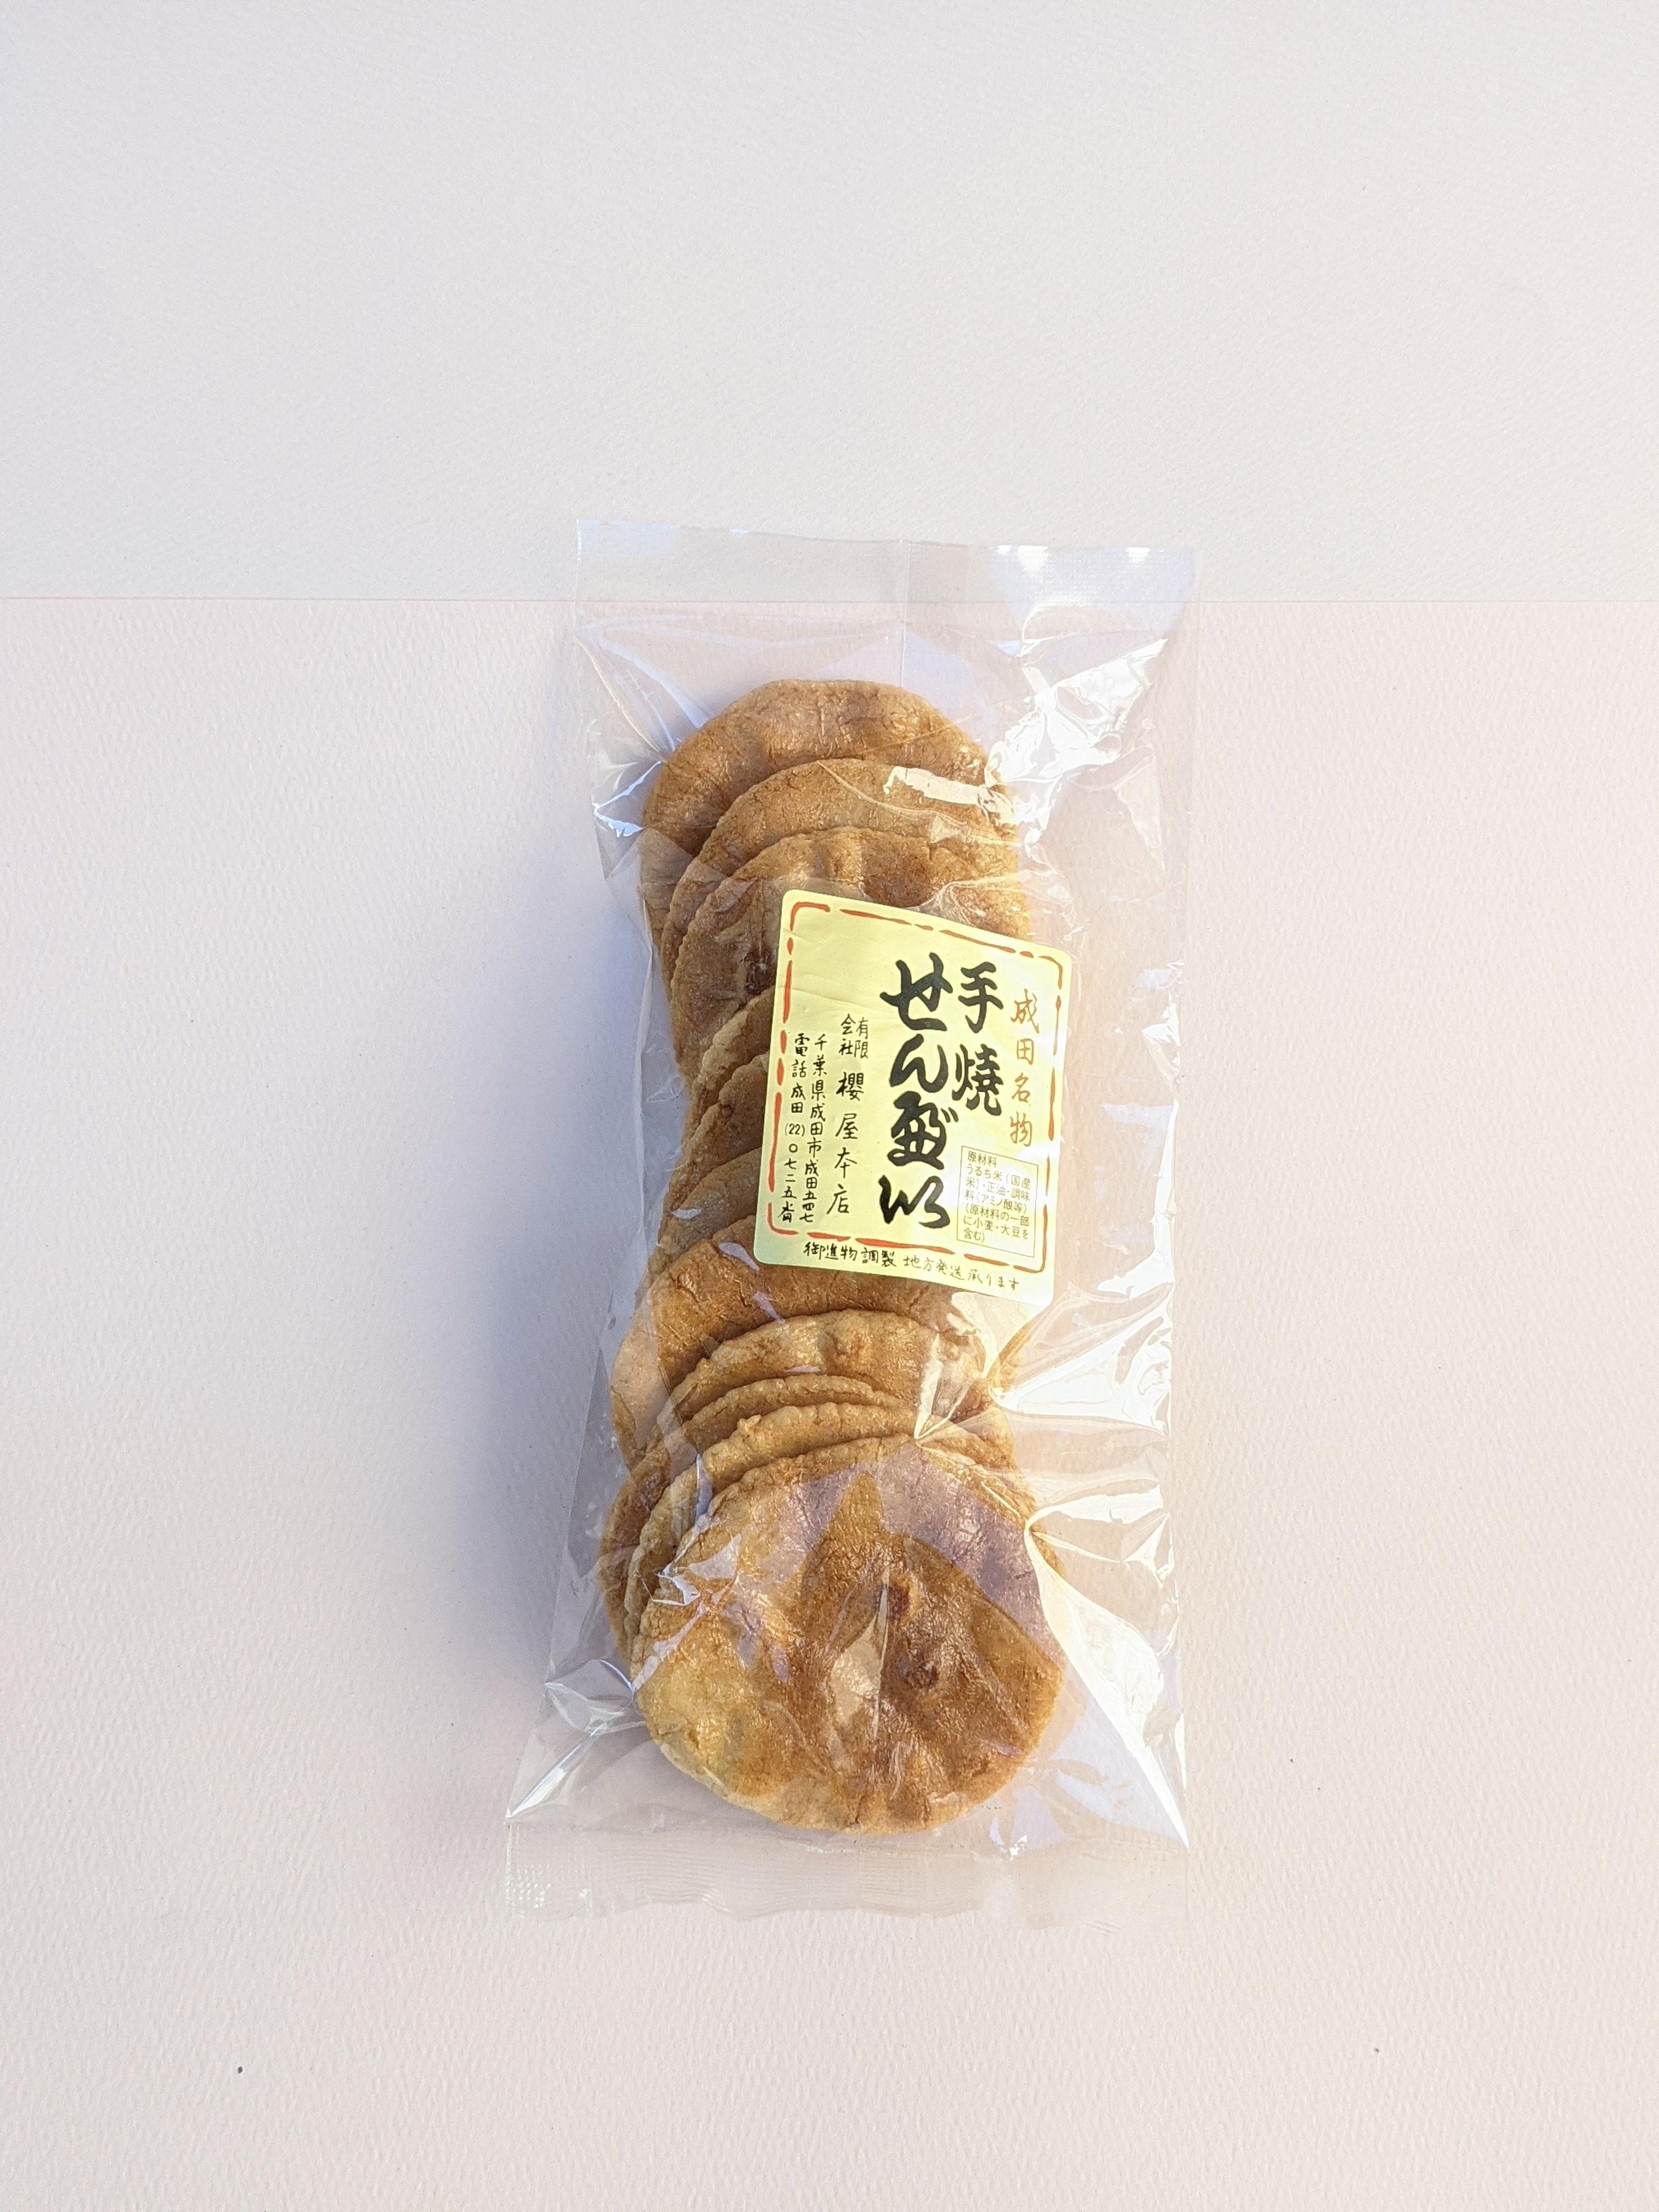 うす焼き(筒入り11枚)